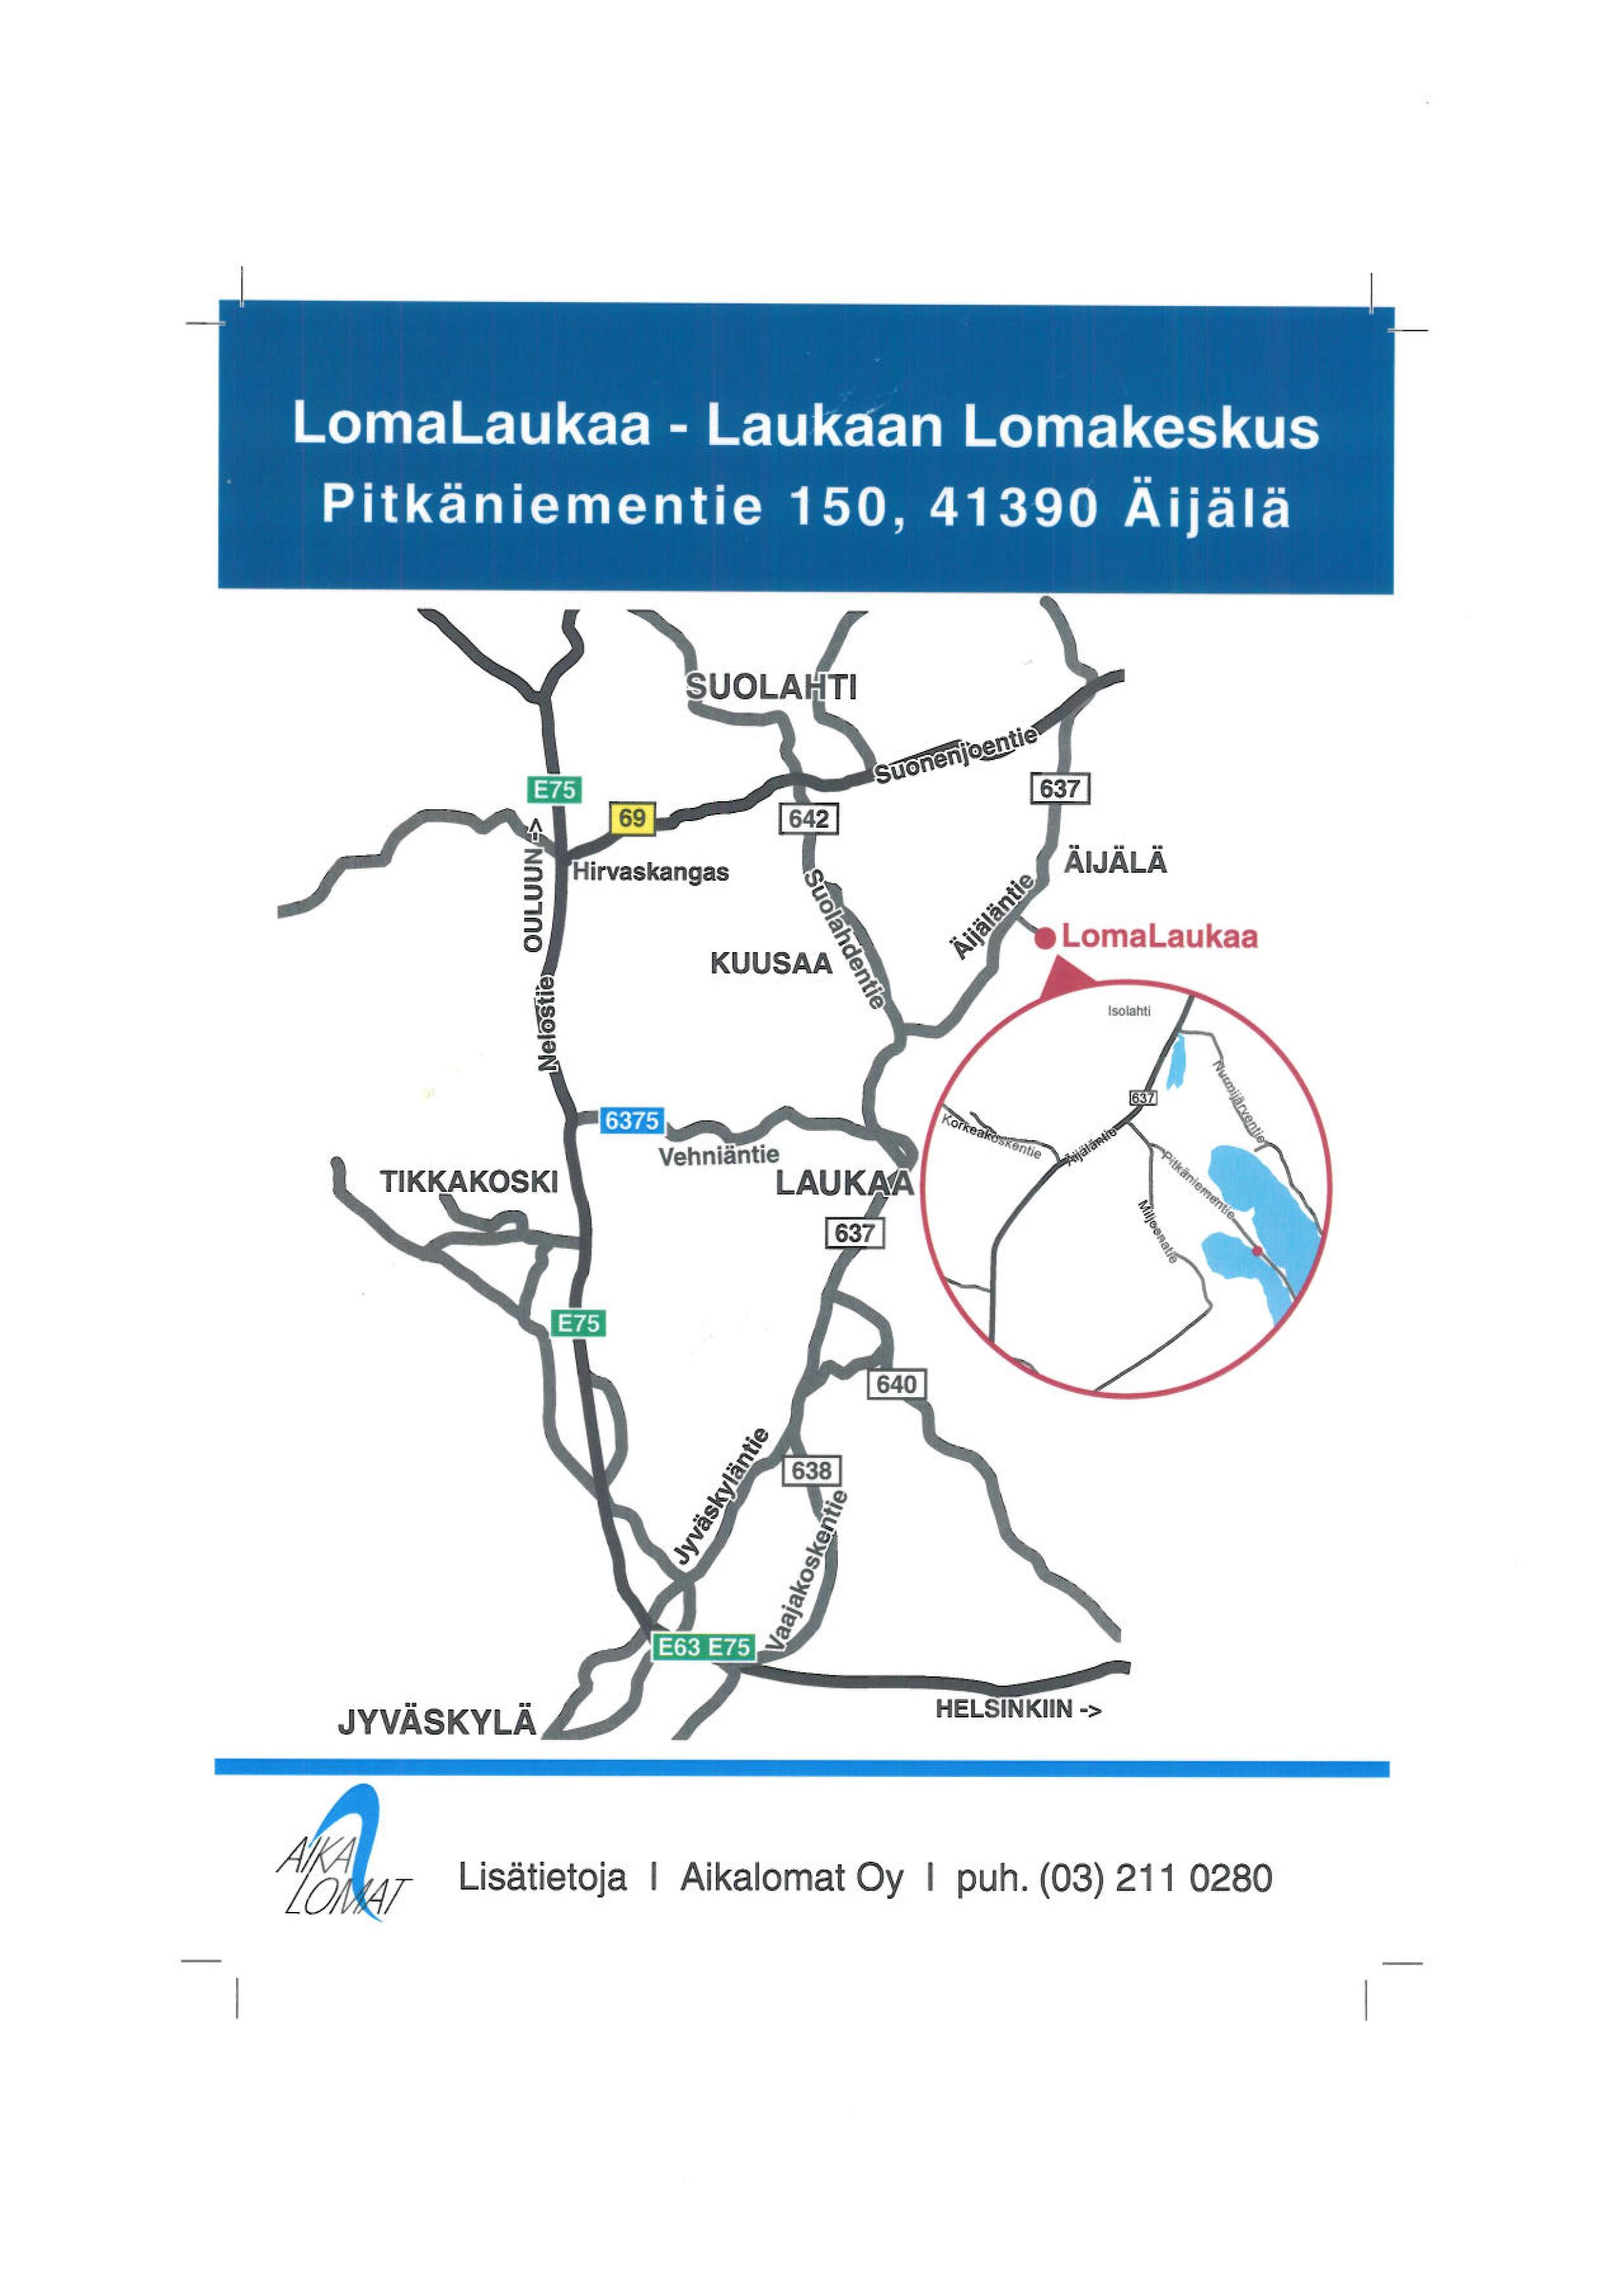 Kiinteisto Oy Laukaan Pitkaniemi Iii Tepagroup Oy